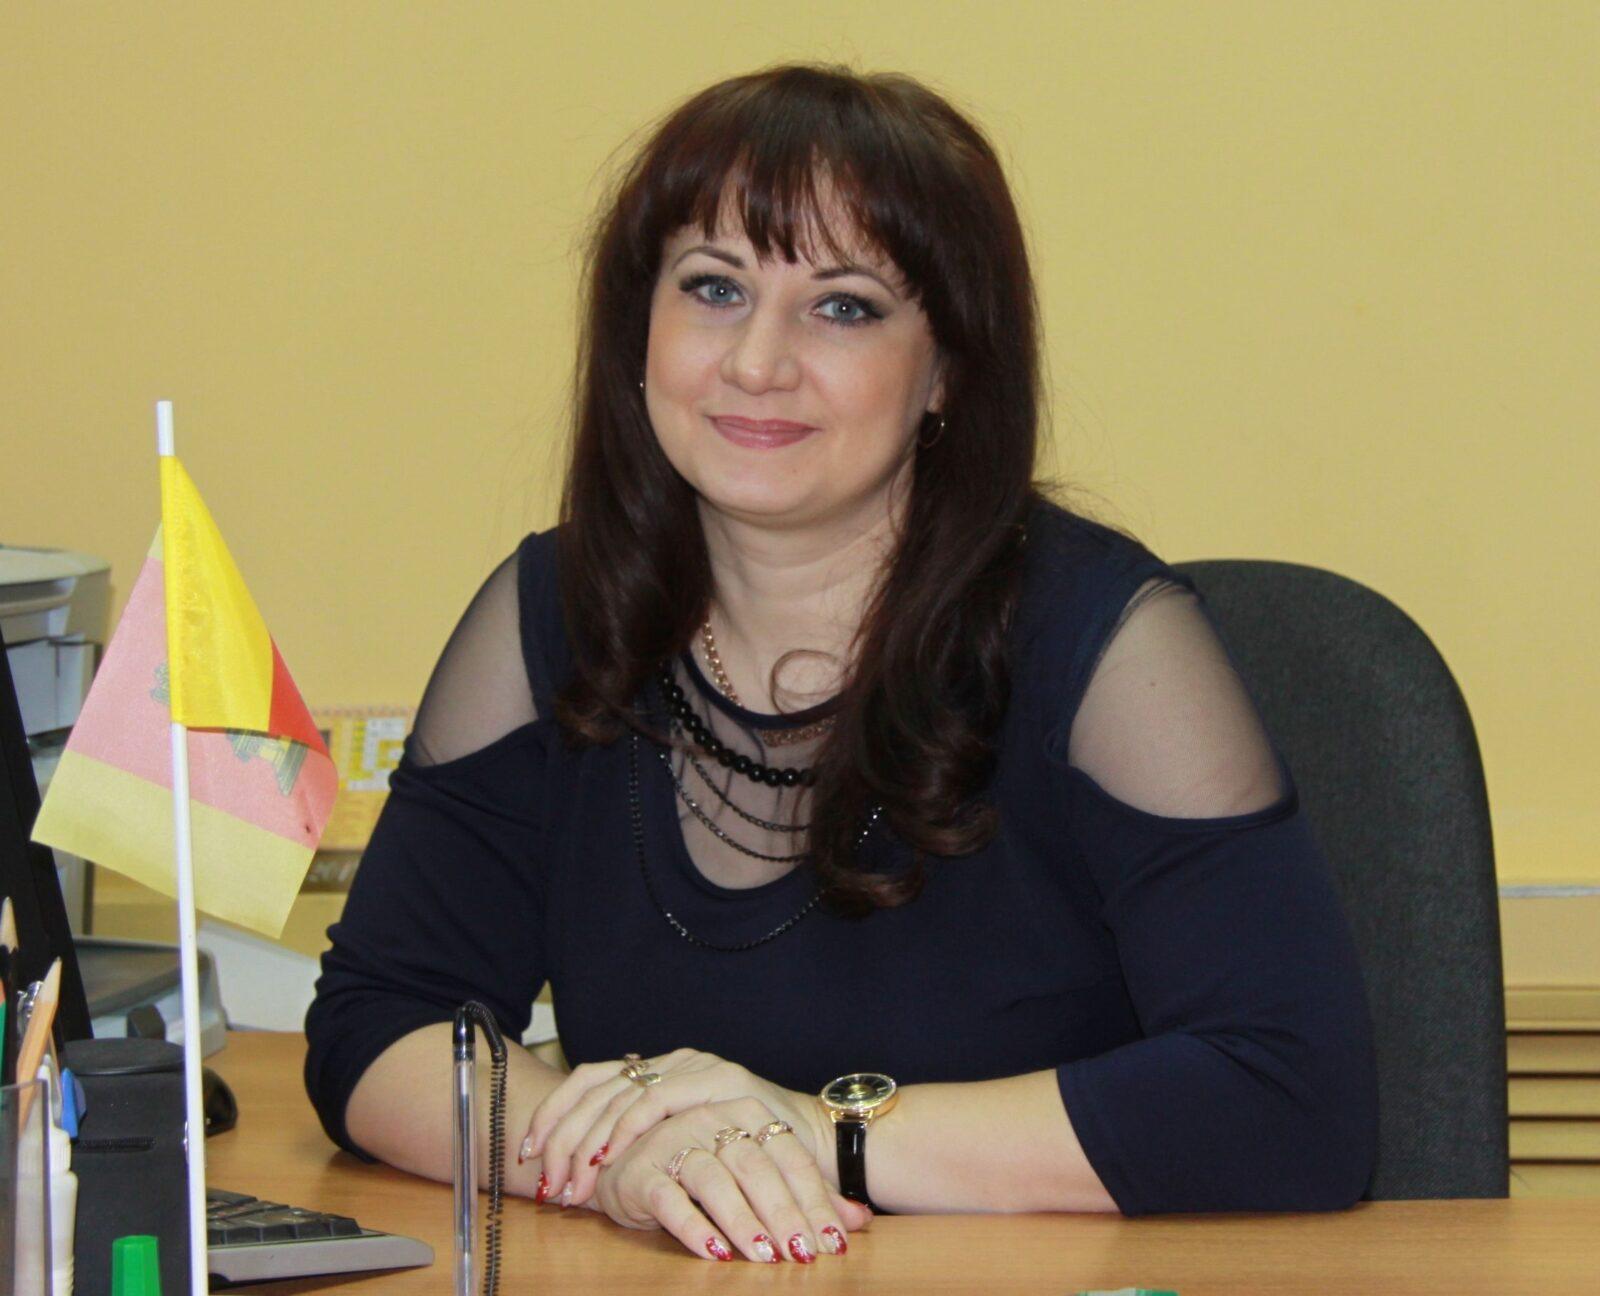 Светлана Шихрагимова: Нам нужны счастливые семьи